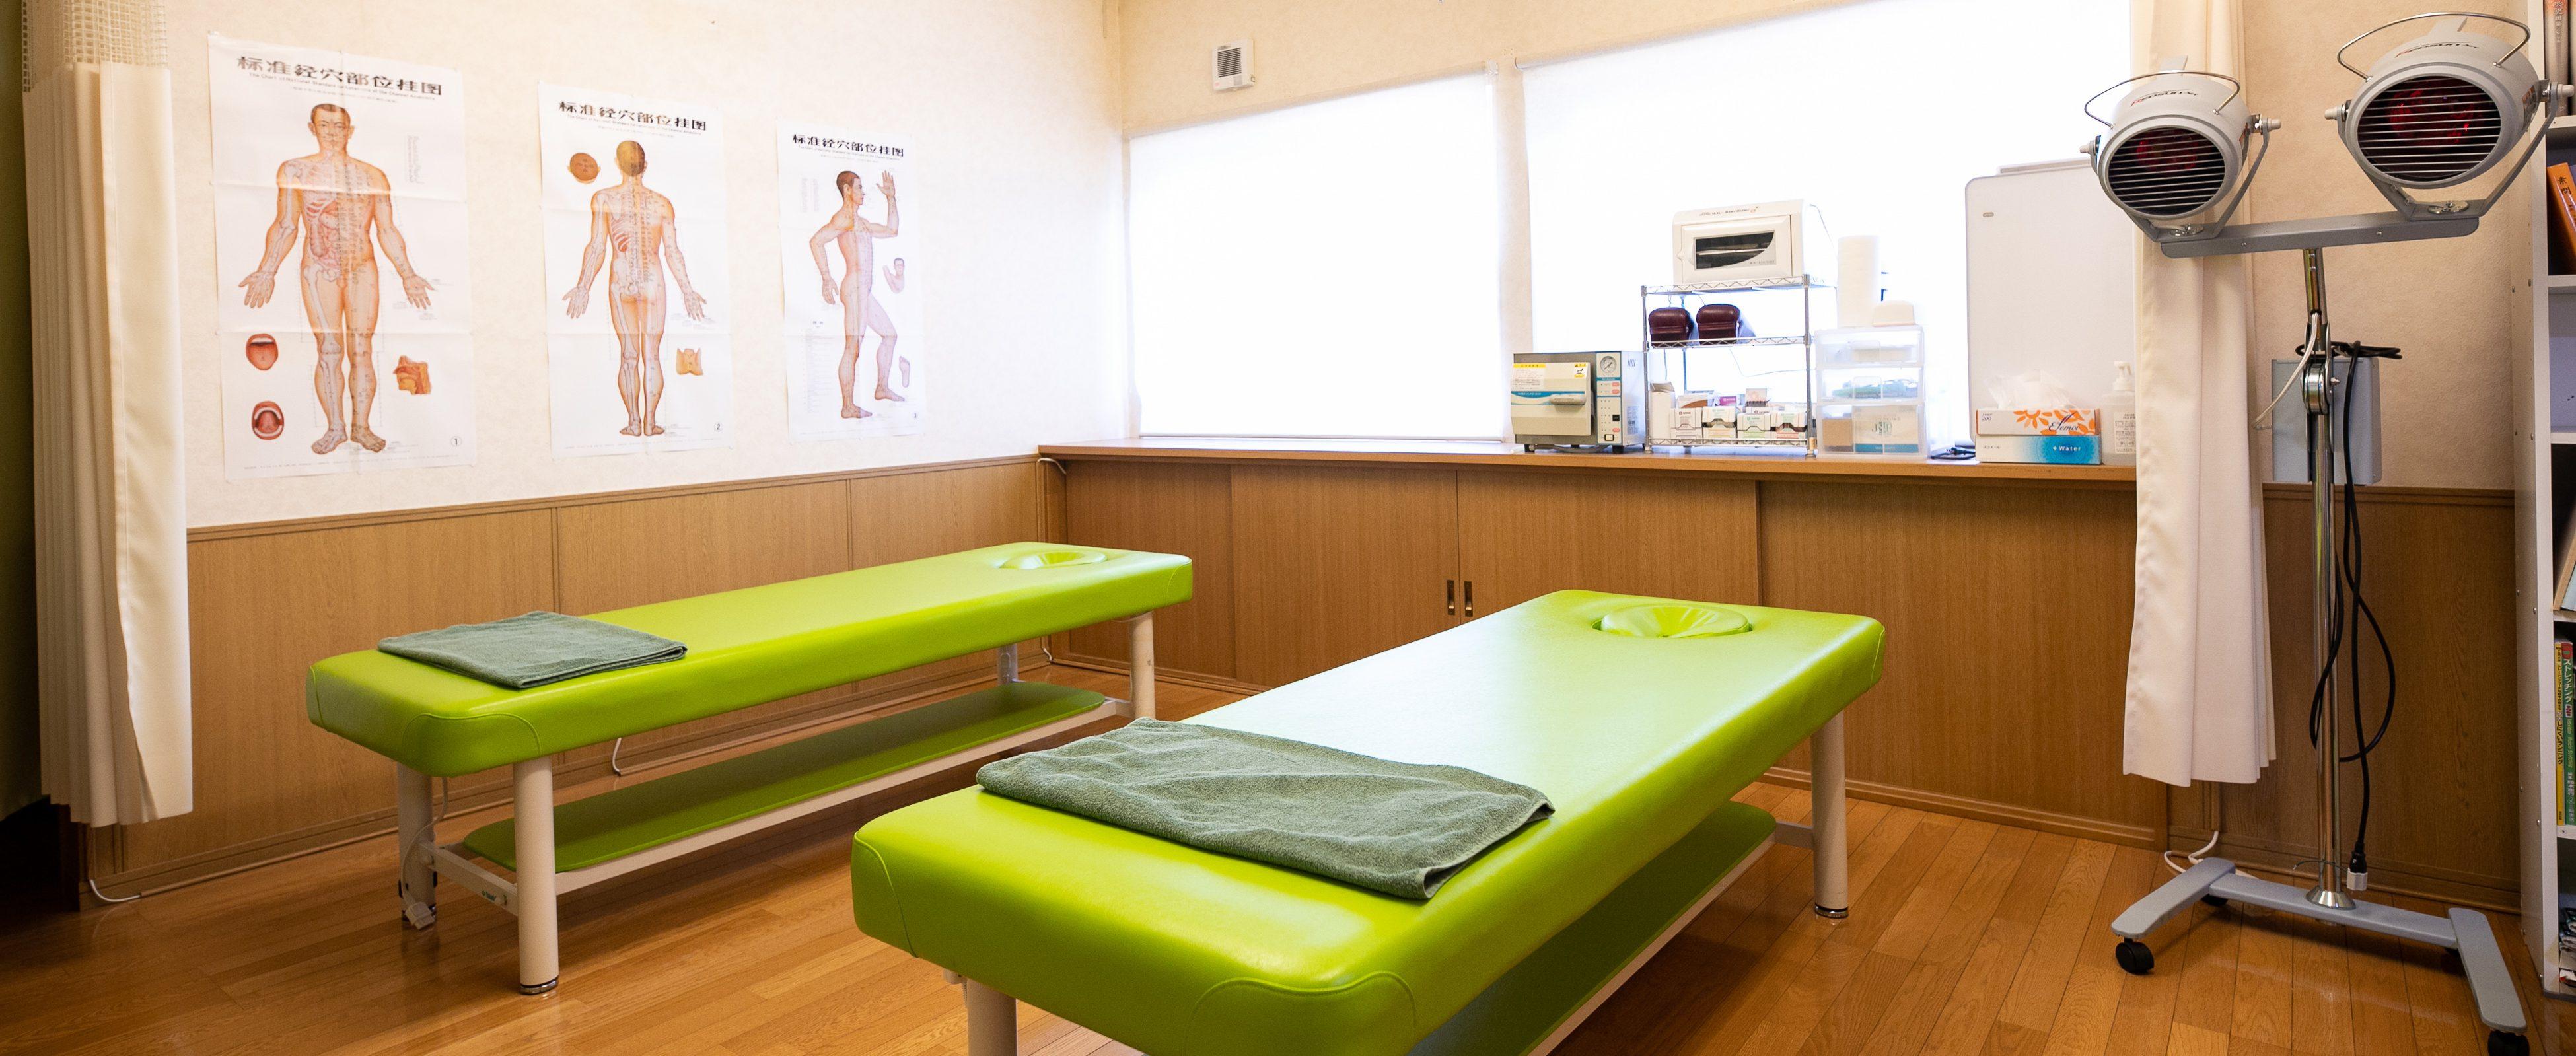 鍼灸治療|北上市の齊藤はりきゅう整骨院